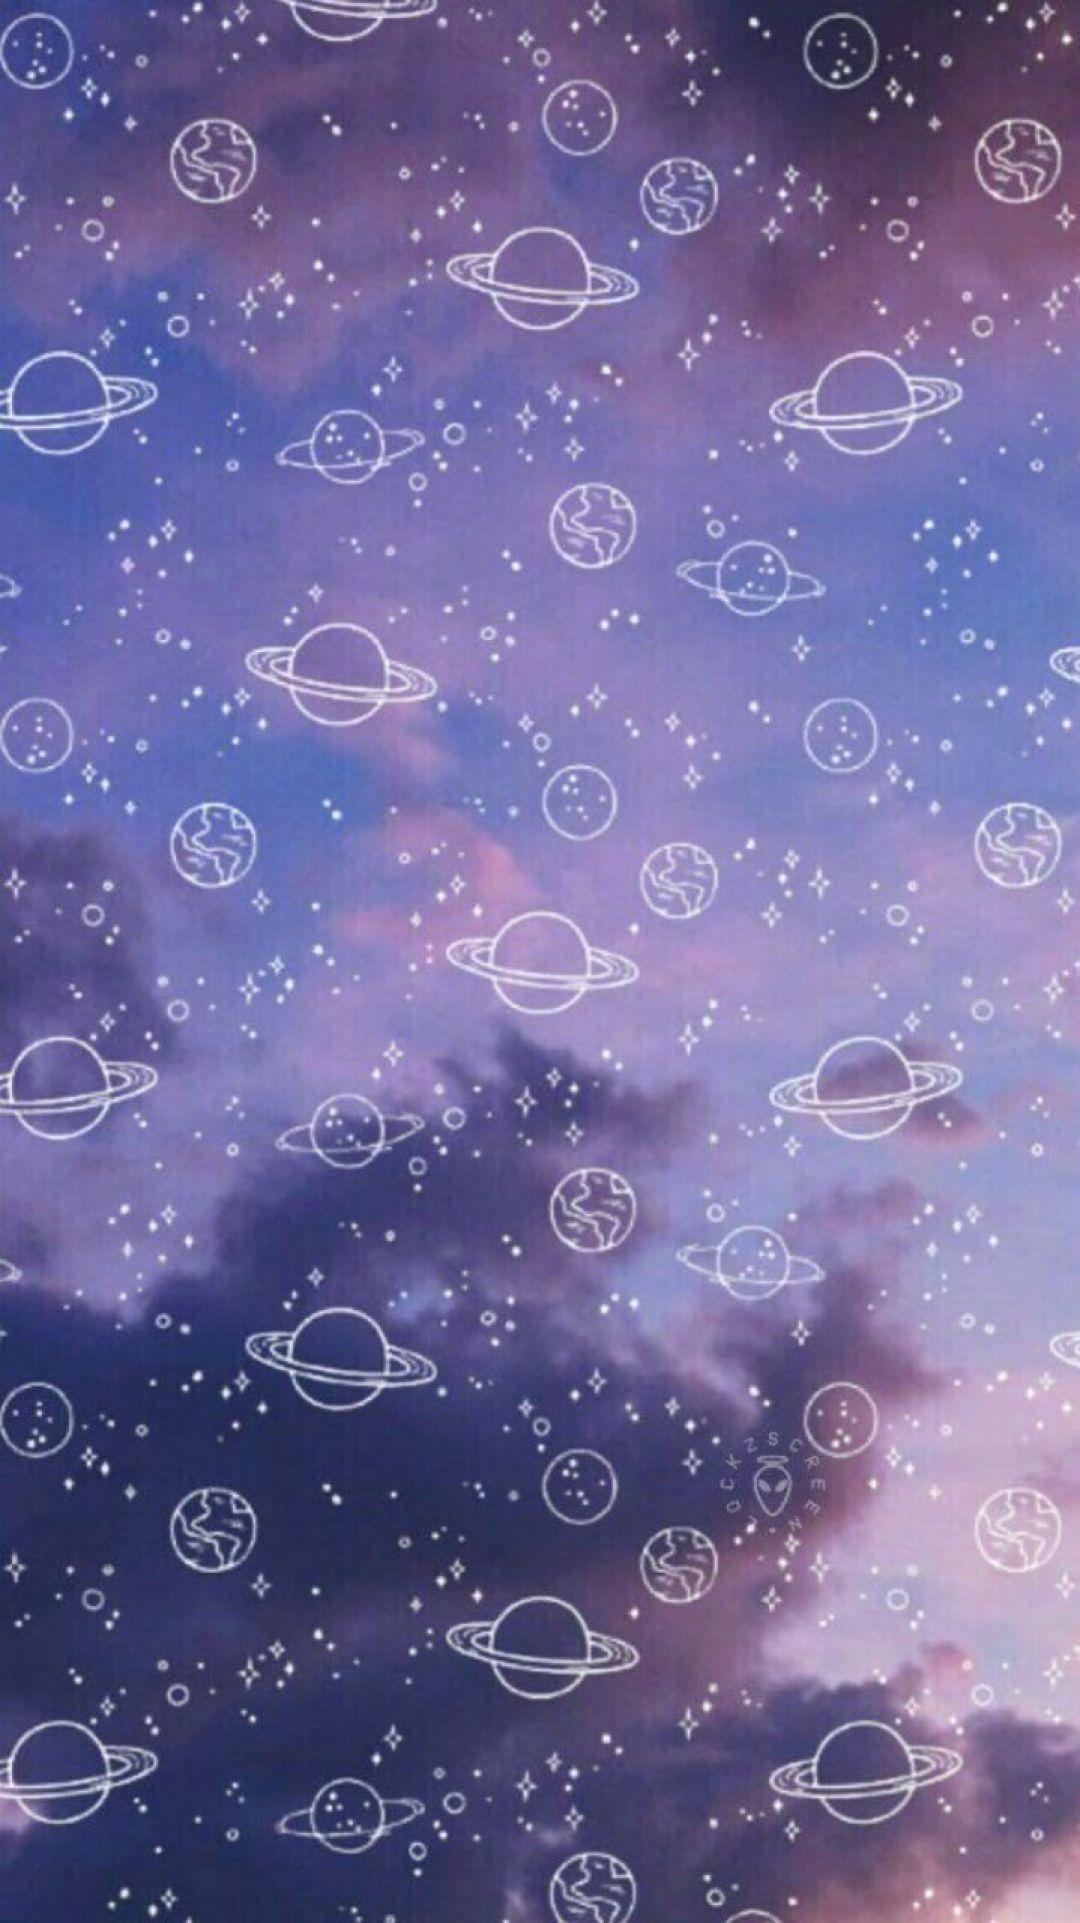 Purple Aesthetic Wallpaper 10801923 05279 HD Wallpapers 1080x1923